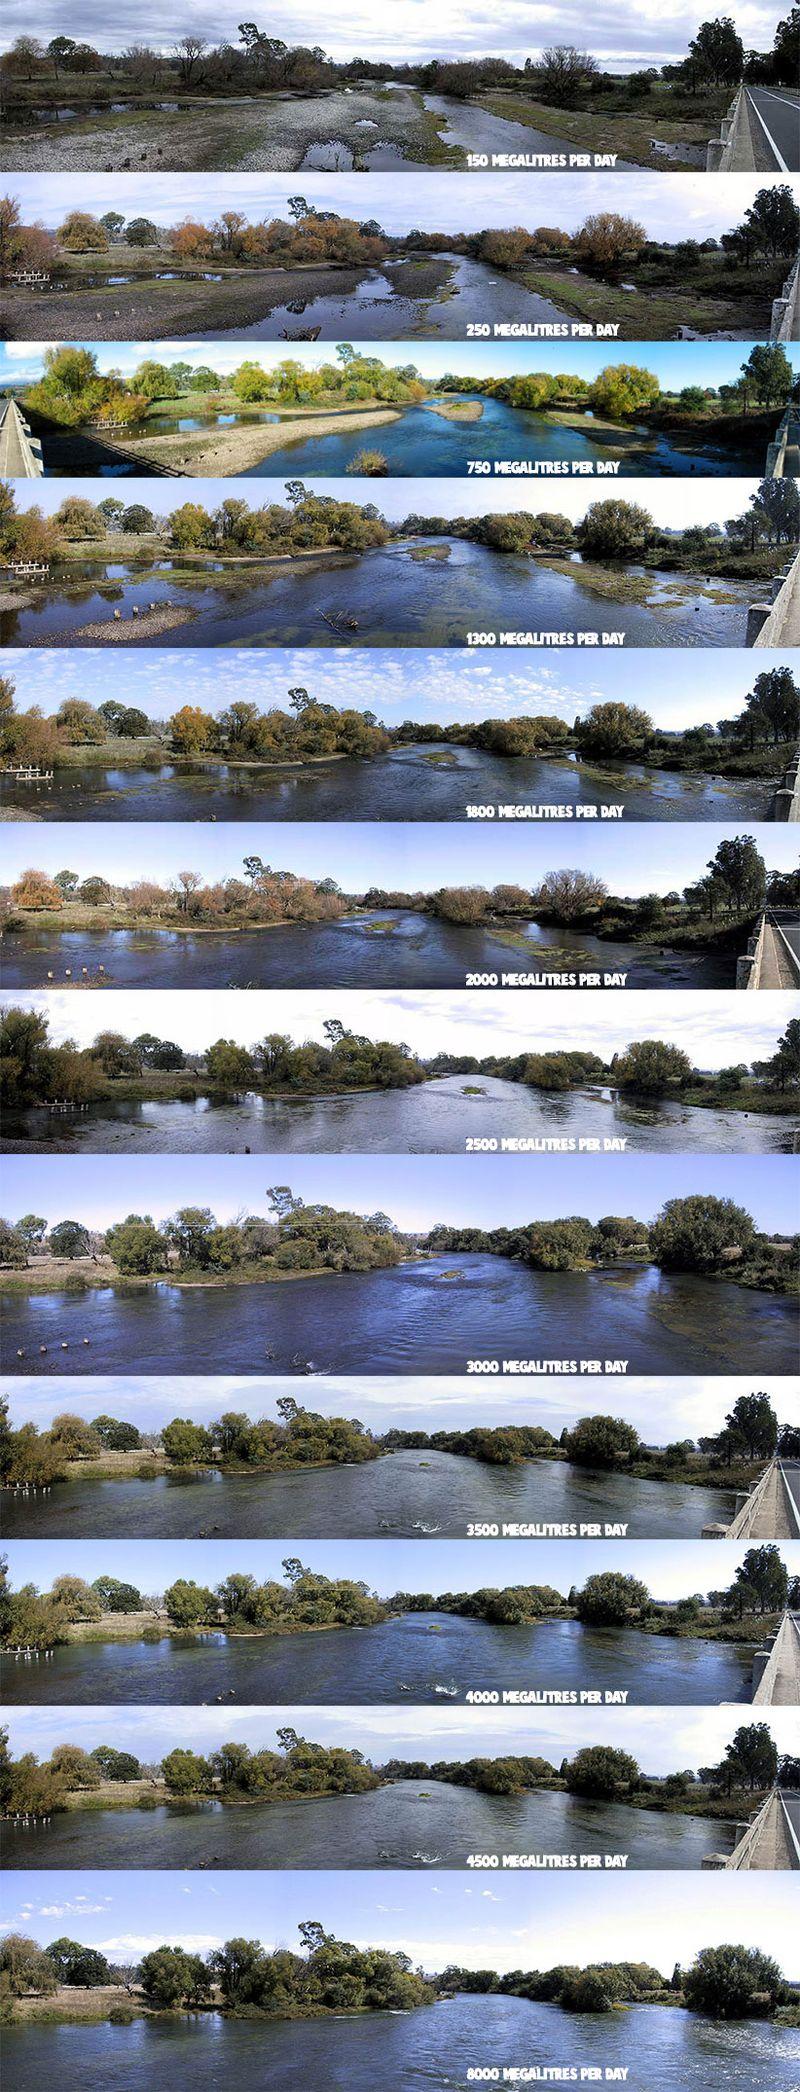 River_levels